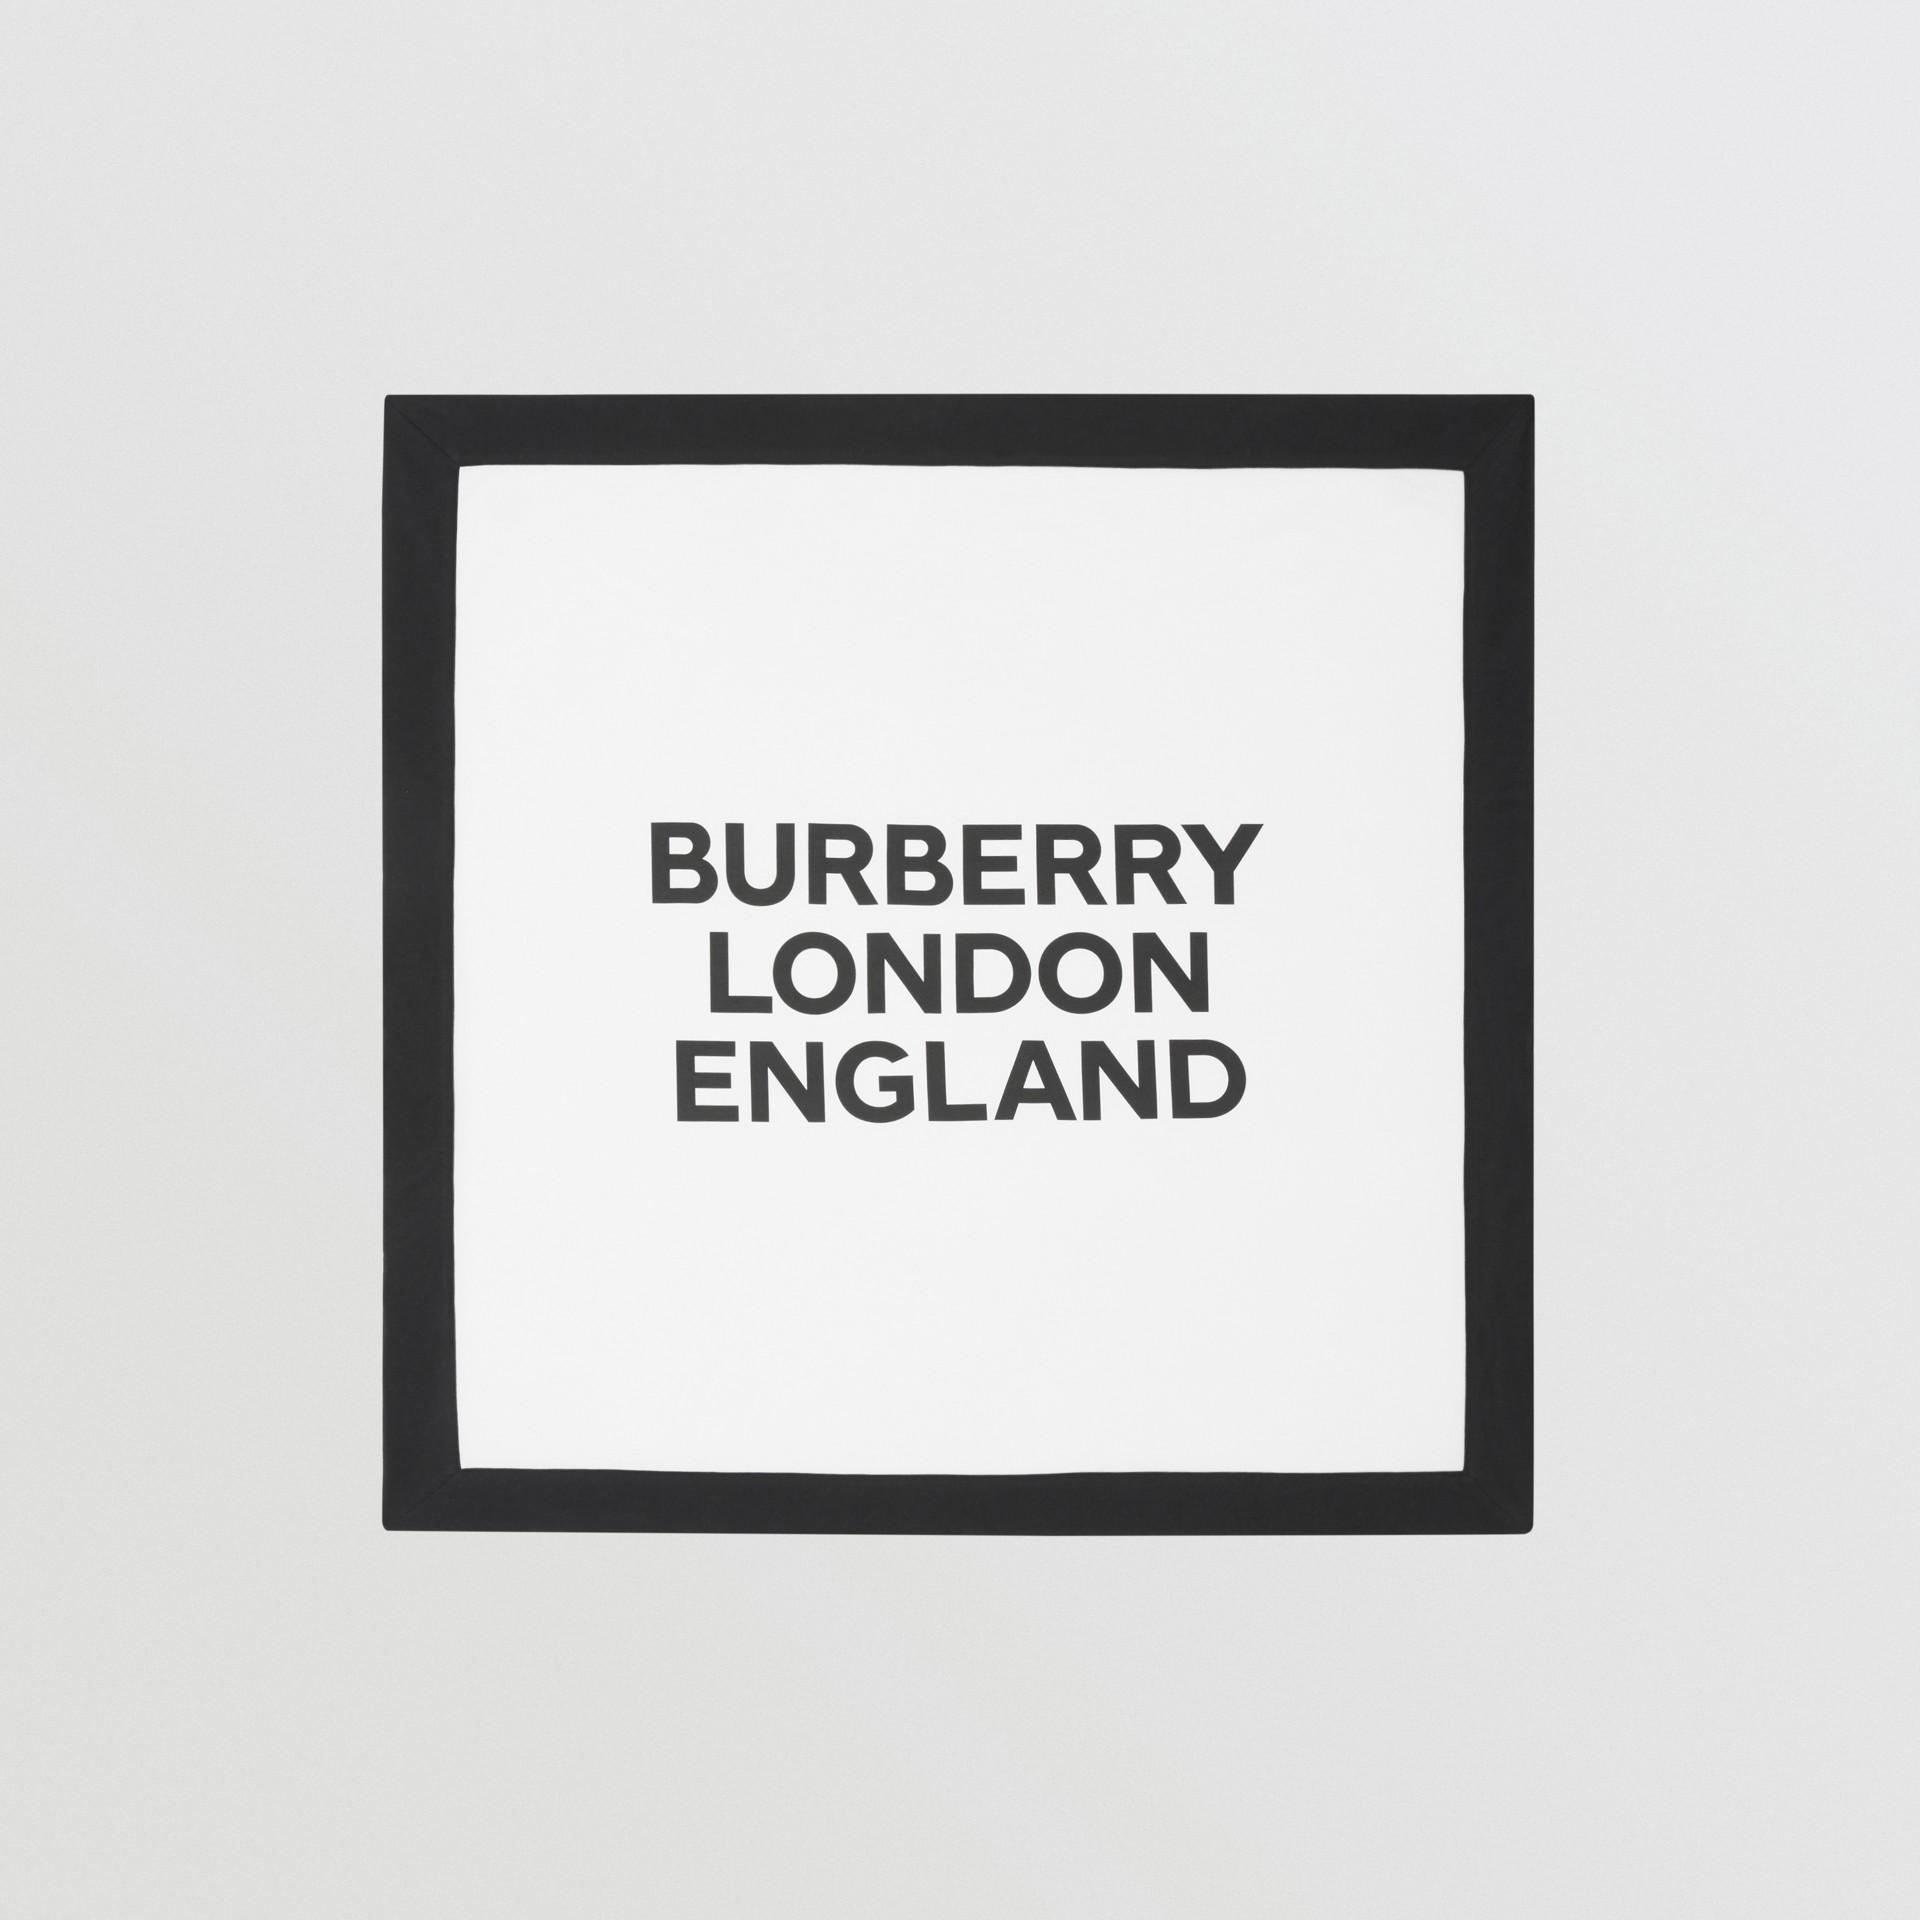 ロゴプリント オーガニックコットン ベイビーブランケット (ホワイト) - チルドレンズ | バーバリー - ギャラリーイメージ 0